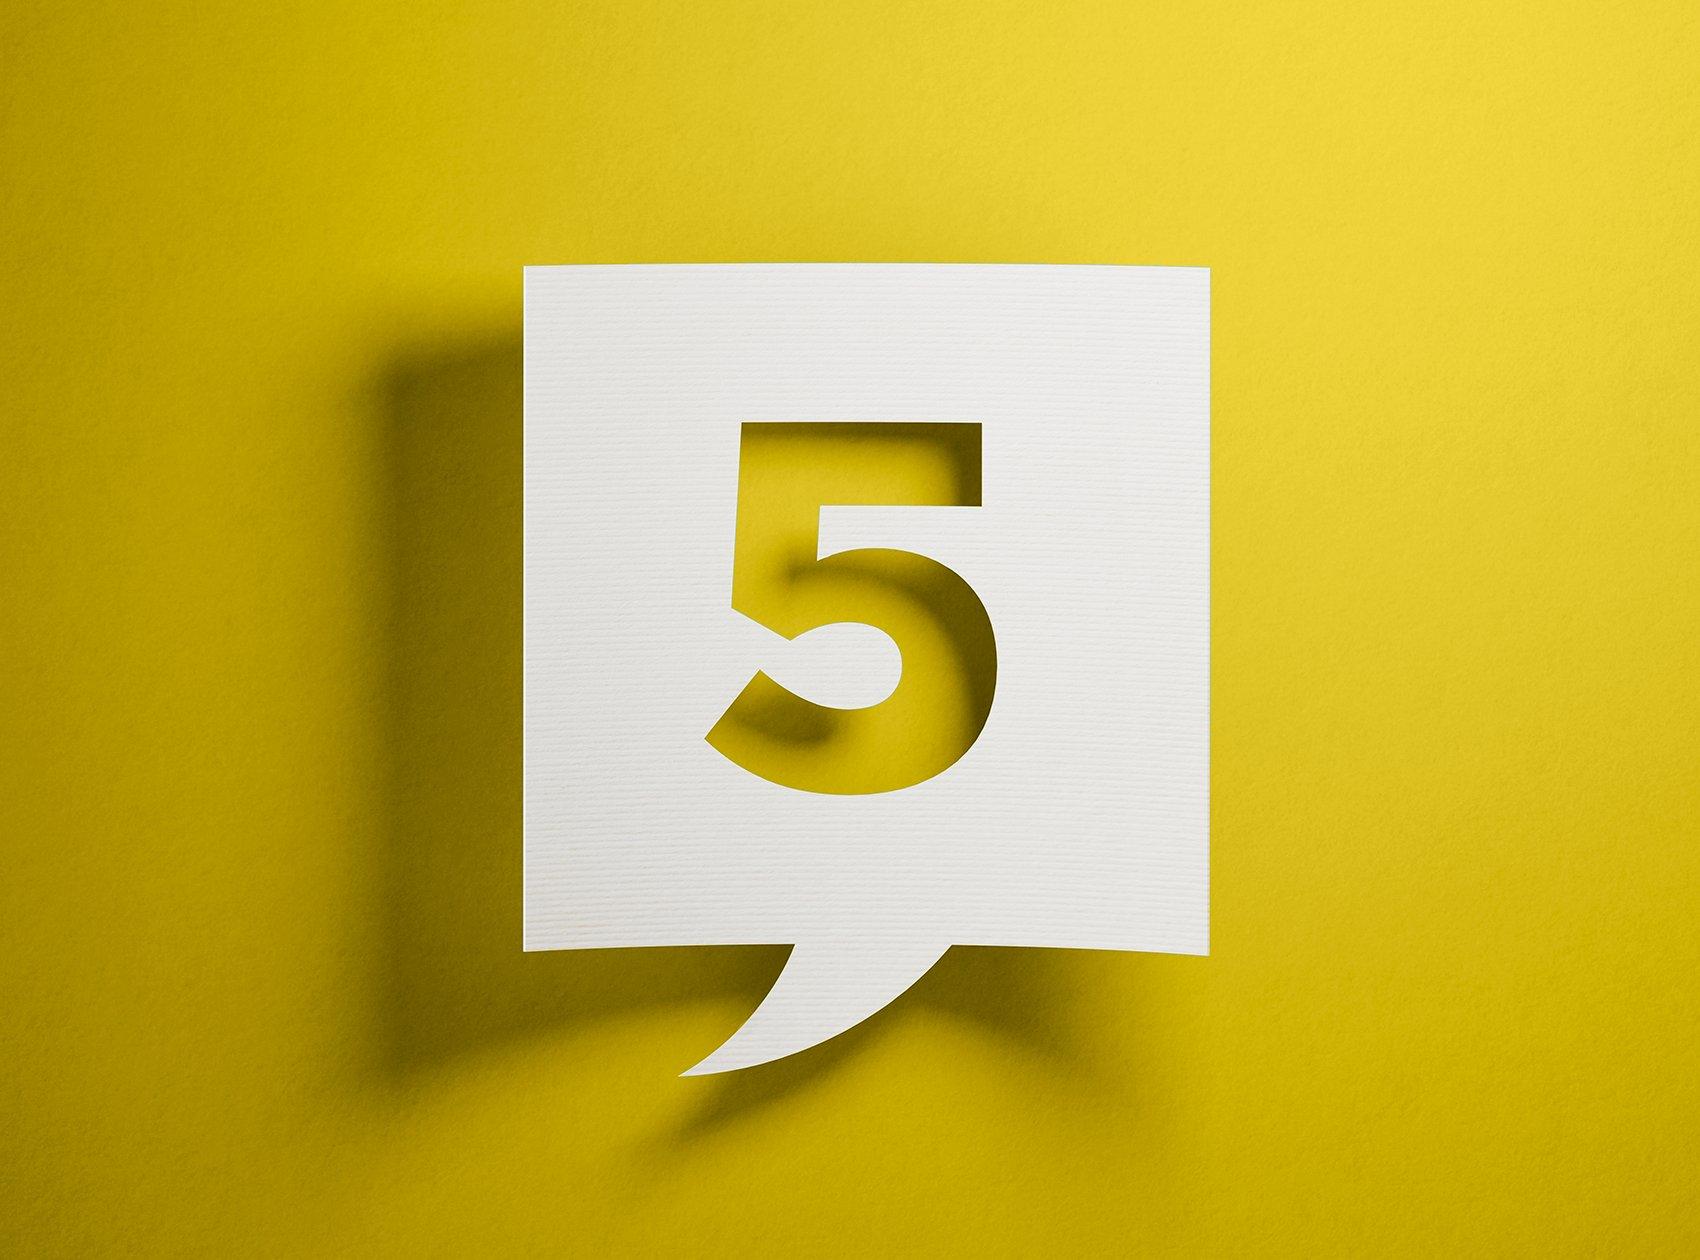 5 beneficios de tener una marca rentable - PYB